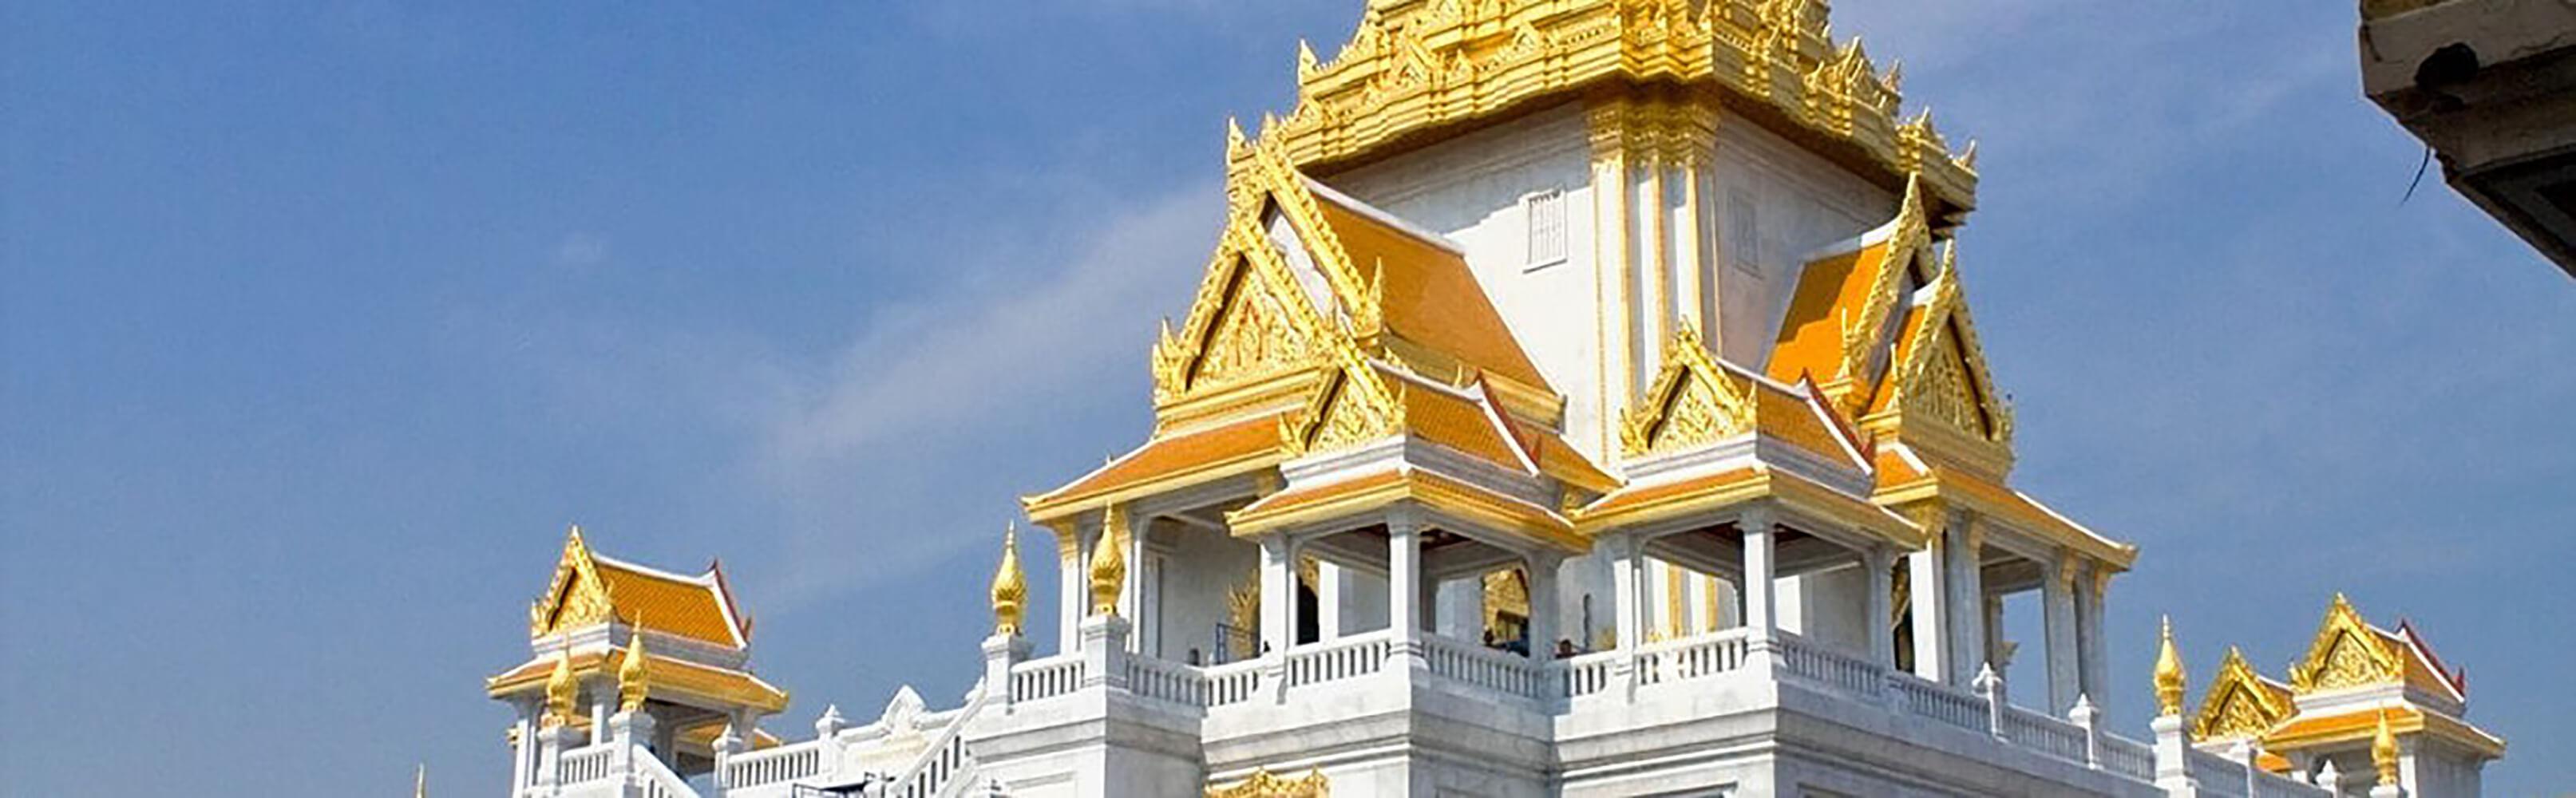 Wat Traimit 1